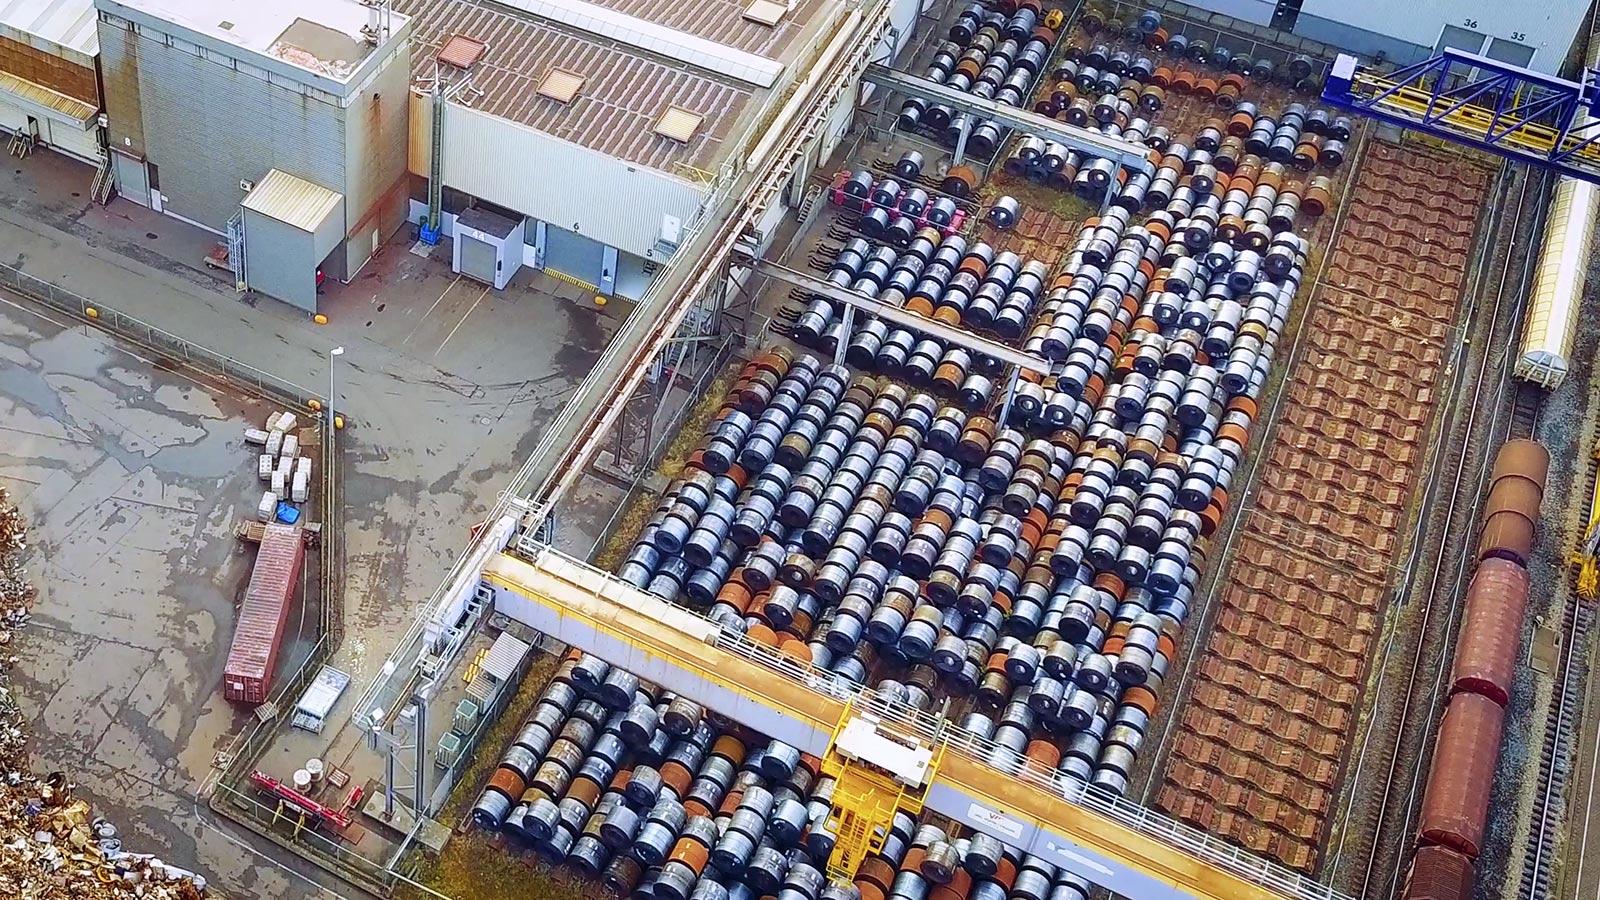 Drone videoproductie laten maken staal bouw industrie productfilm productie